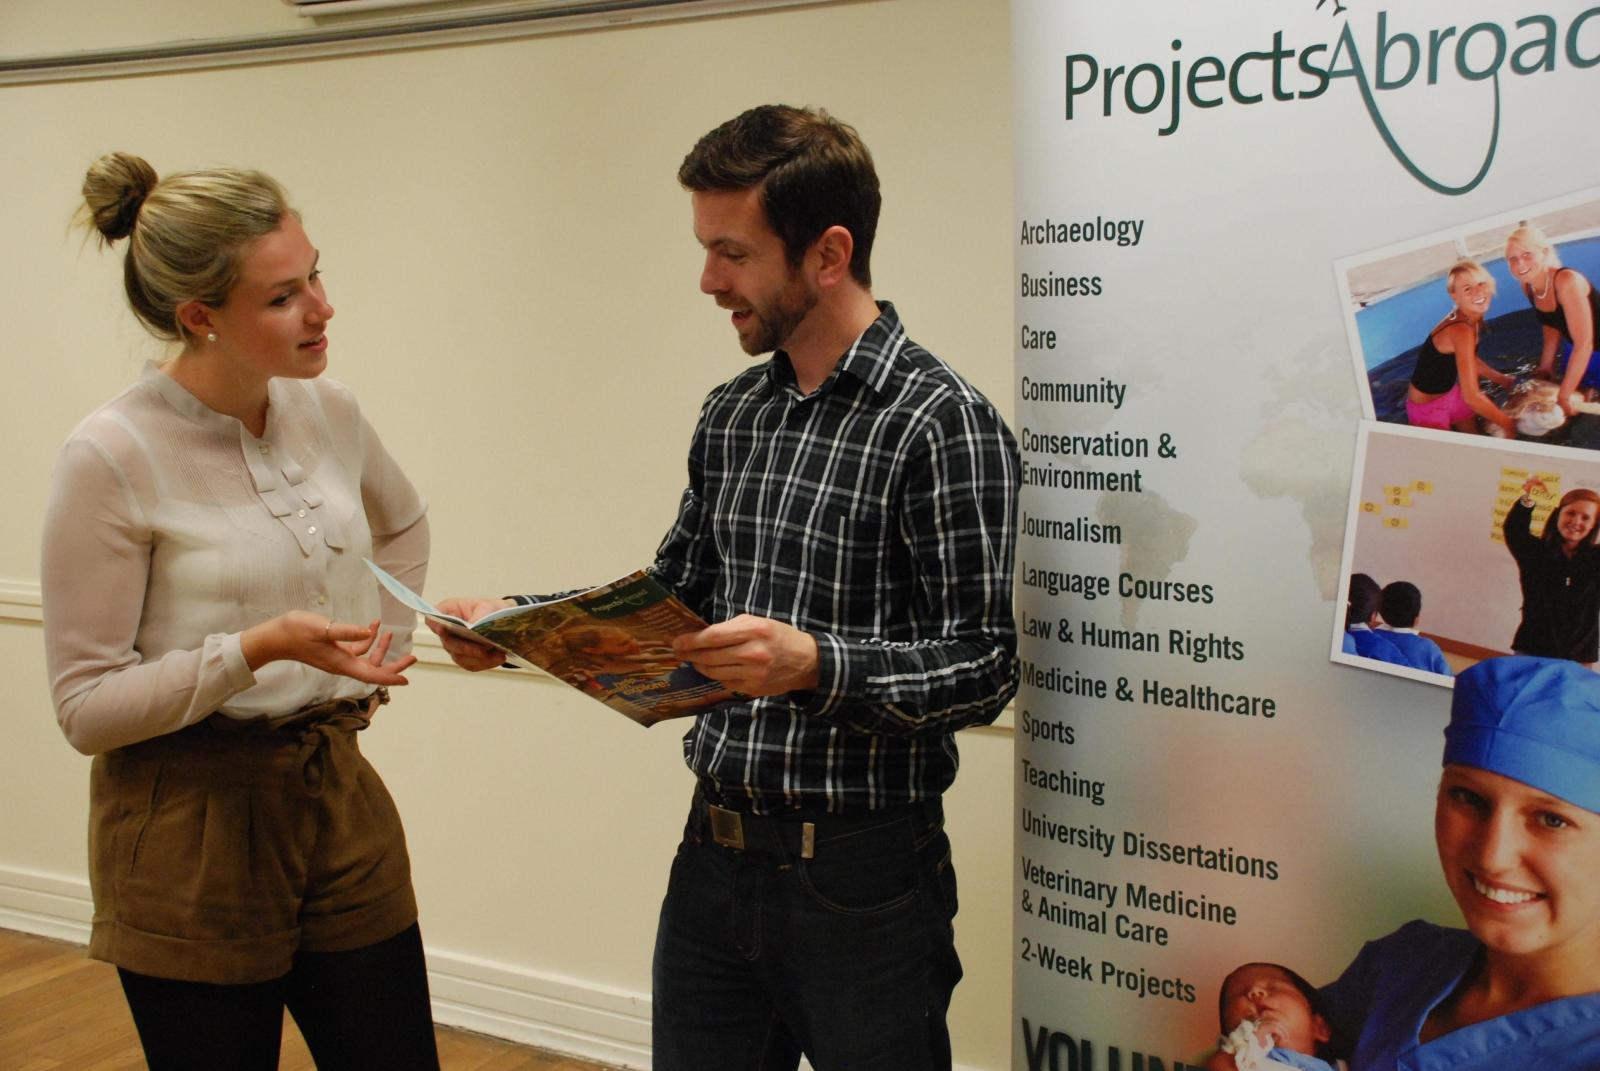 Projects Abroad Mitarbeiter/innen des Rekrutierungs-Teams veranstalten einen Tag der offenen Tür